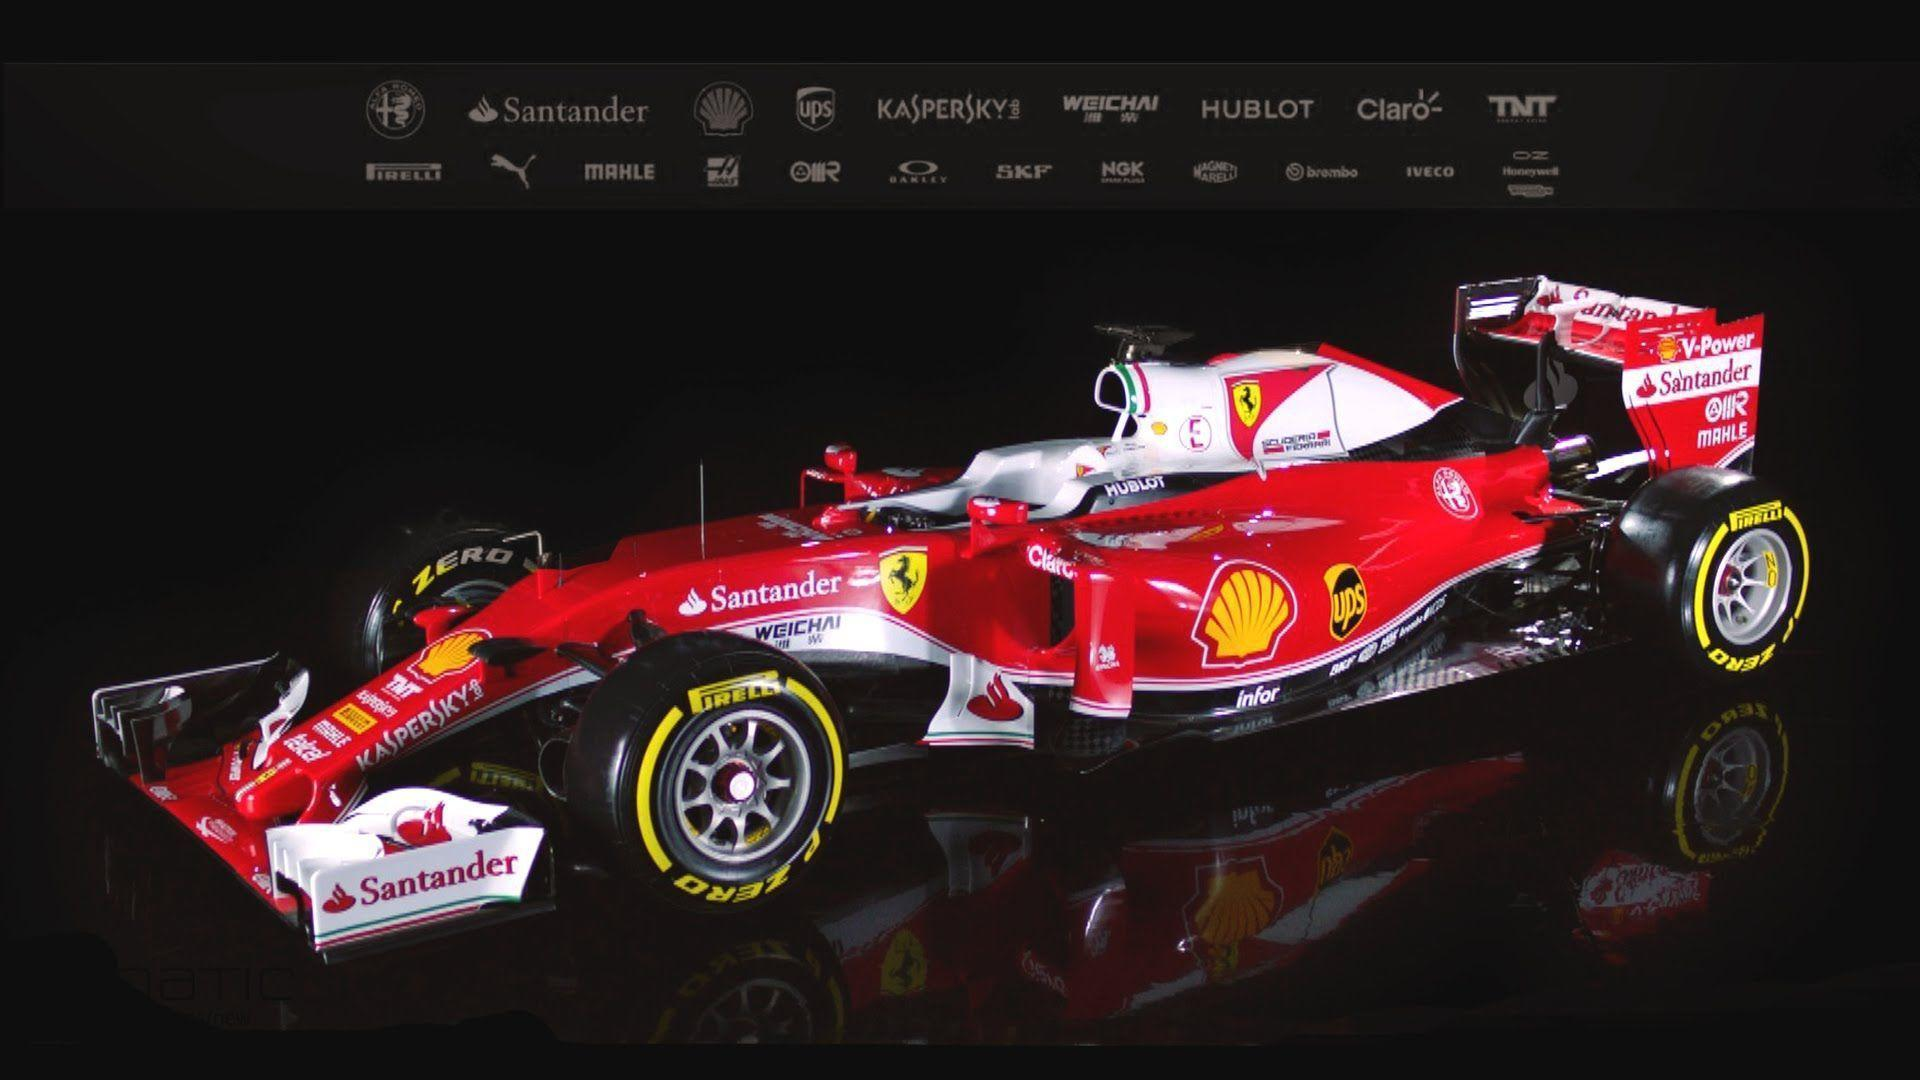 Wallpaper Ferrari Sf90 F1 2019 4k 5k Automotive Cars: Sports Wallpapers: Ferrari F1 Wallpaper 4k 2019